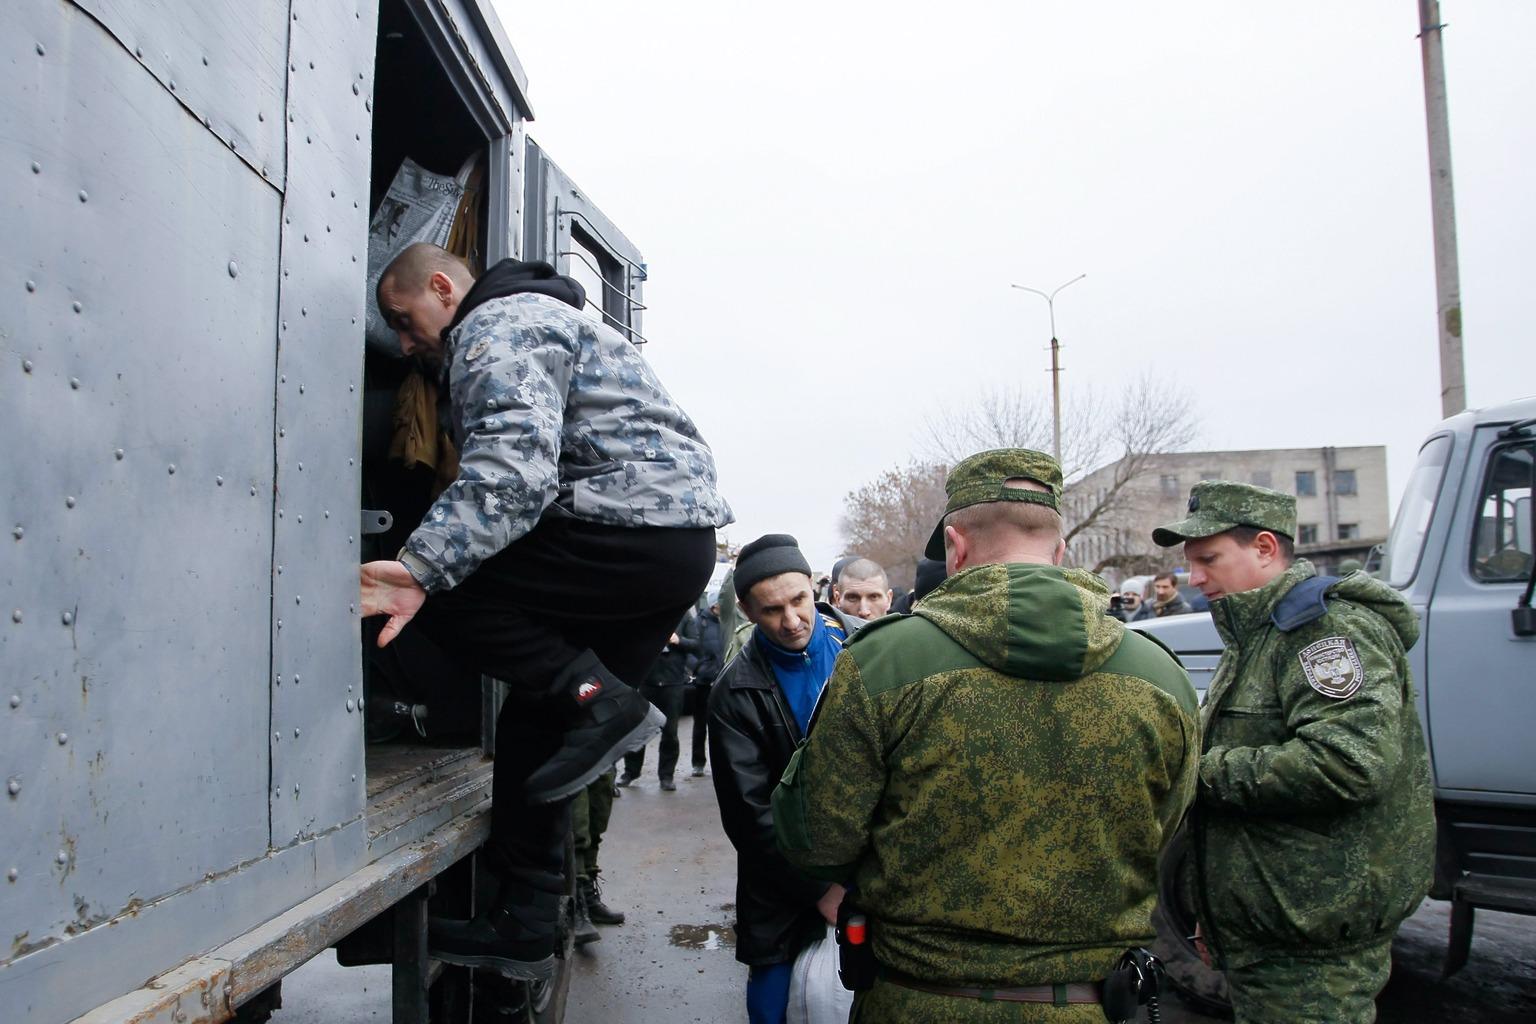 Fogolycsere Ukrajnában (MTI/EPA/Alekszandr Jermocsenko)